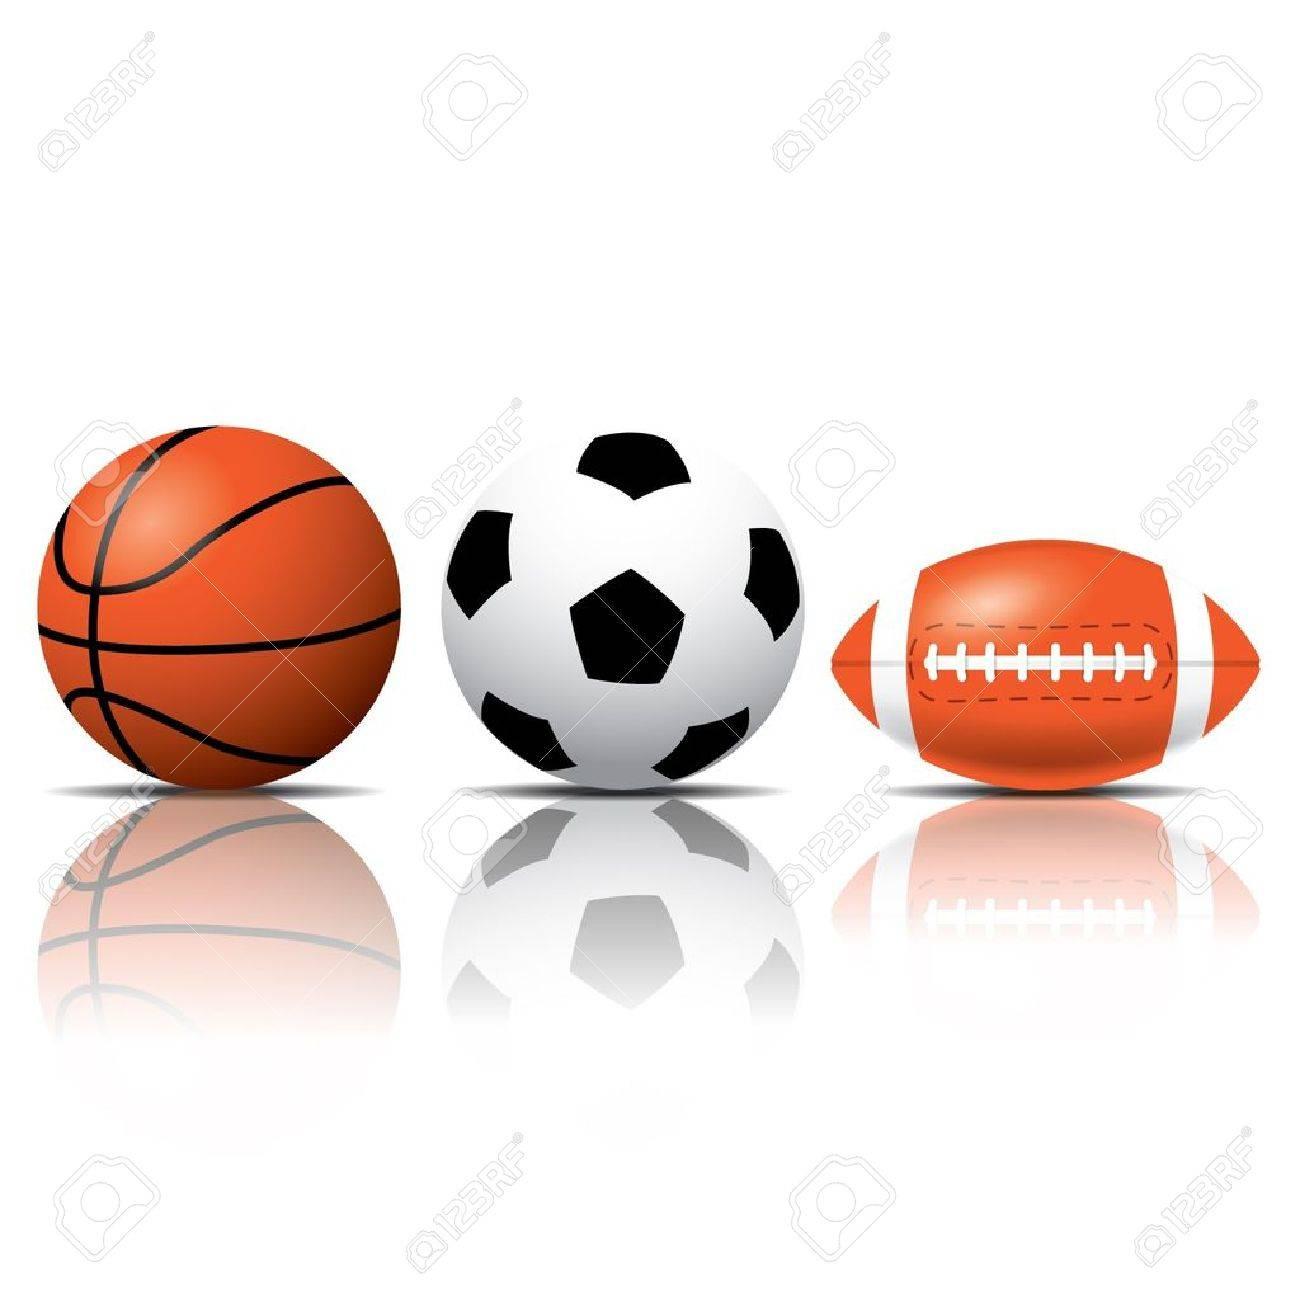 Sport Balls - 14179984